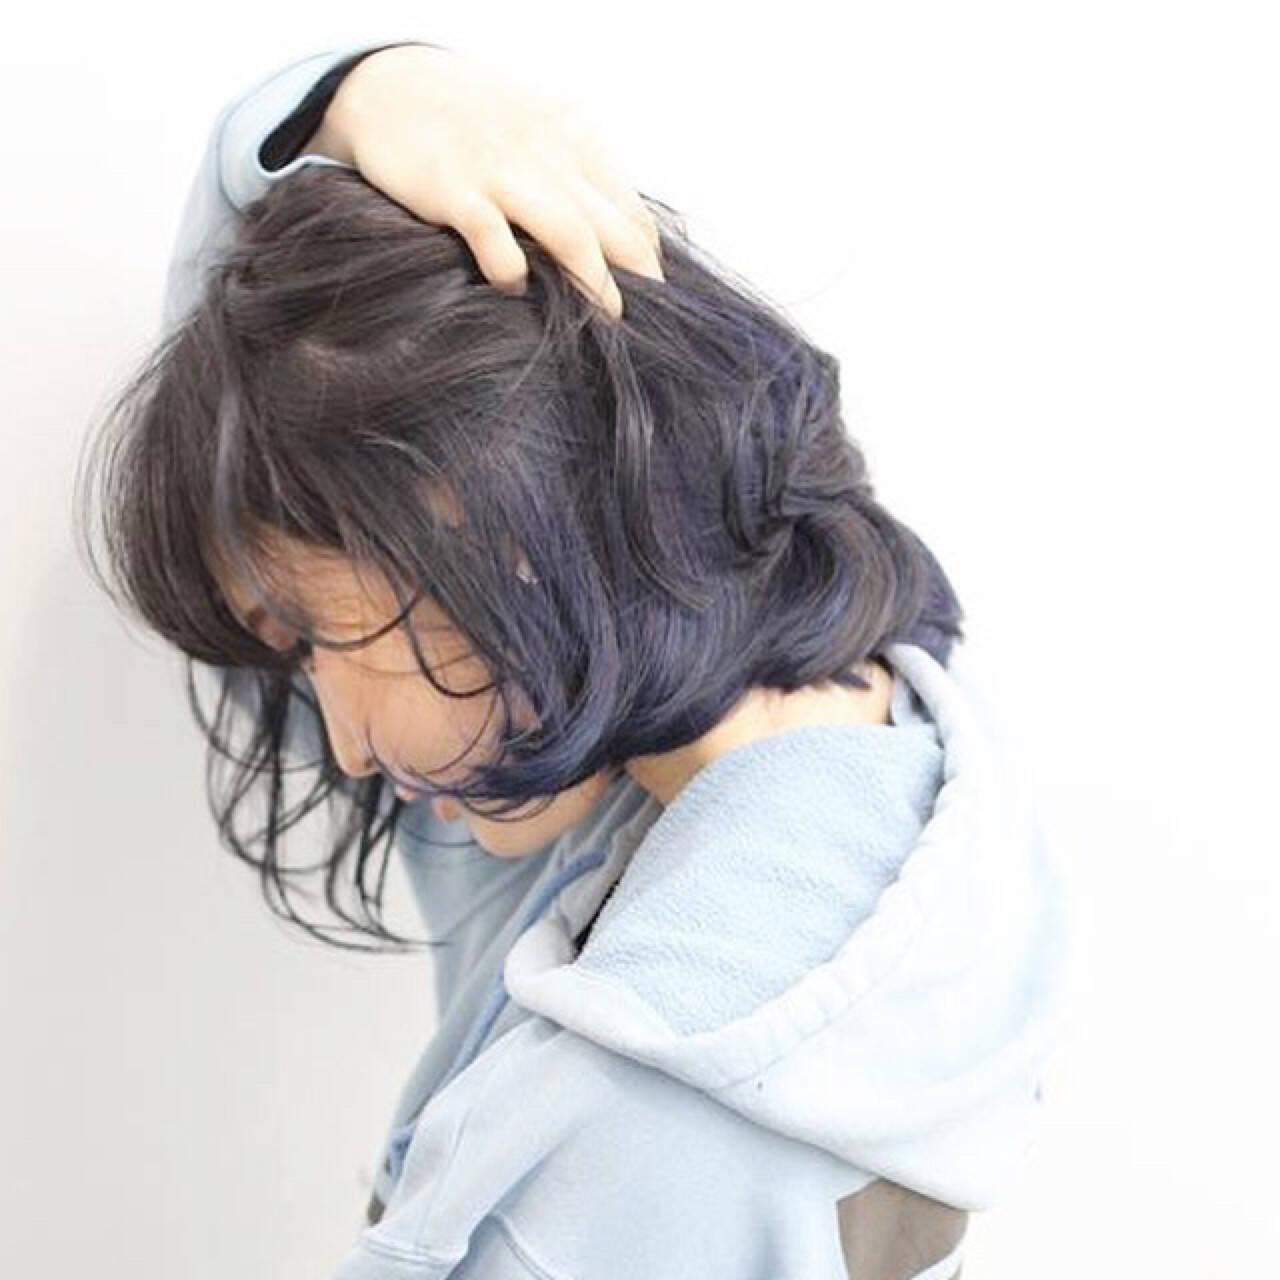 インナーカラー ナチュラル ネイビー ボブヘアスタイルや髪型の写真・画像